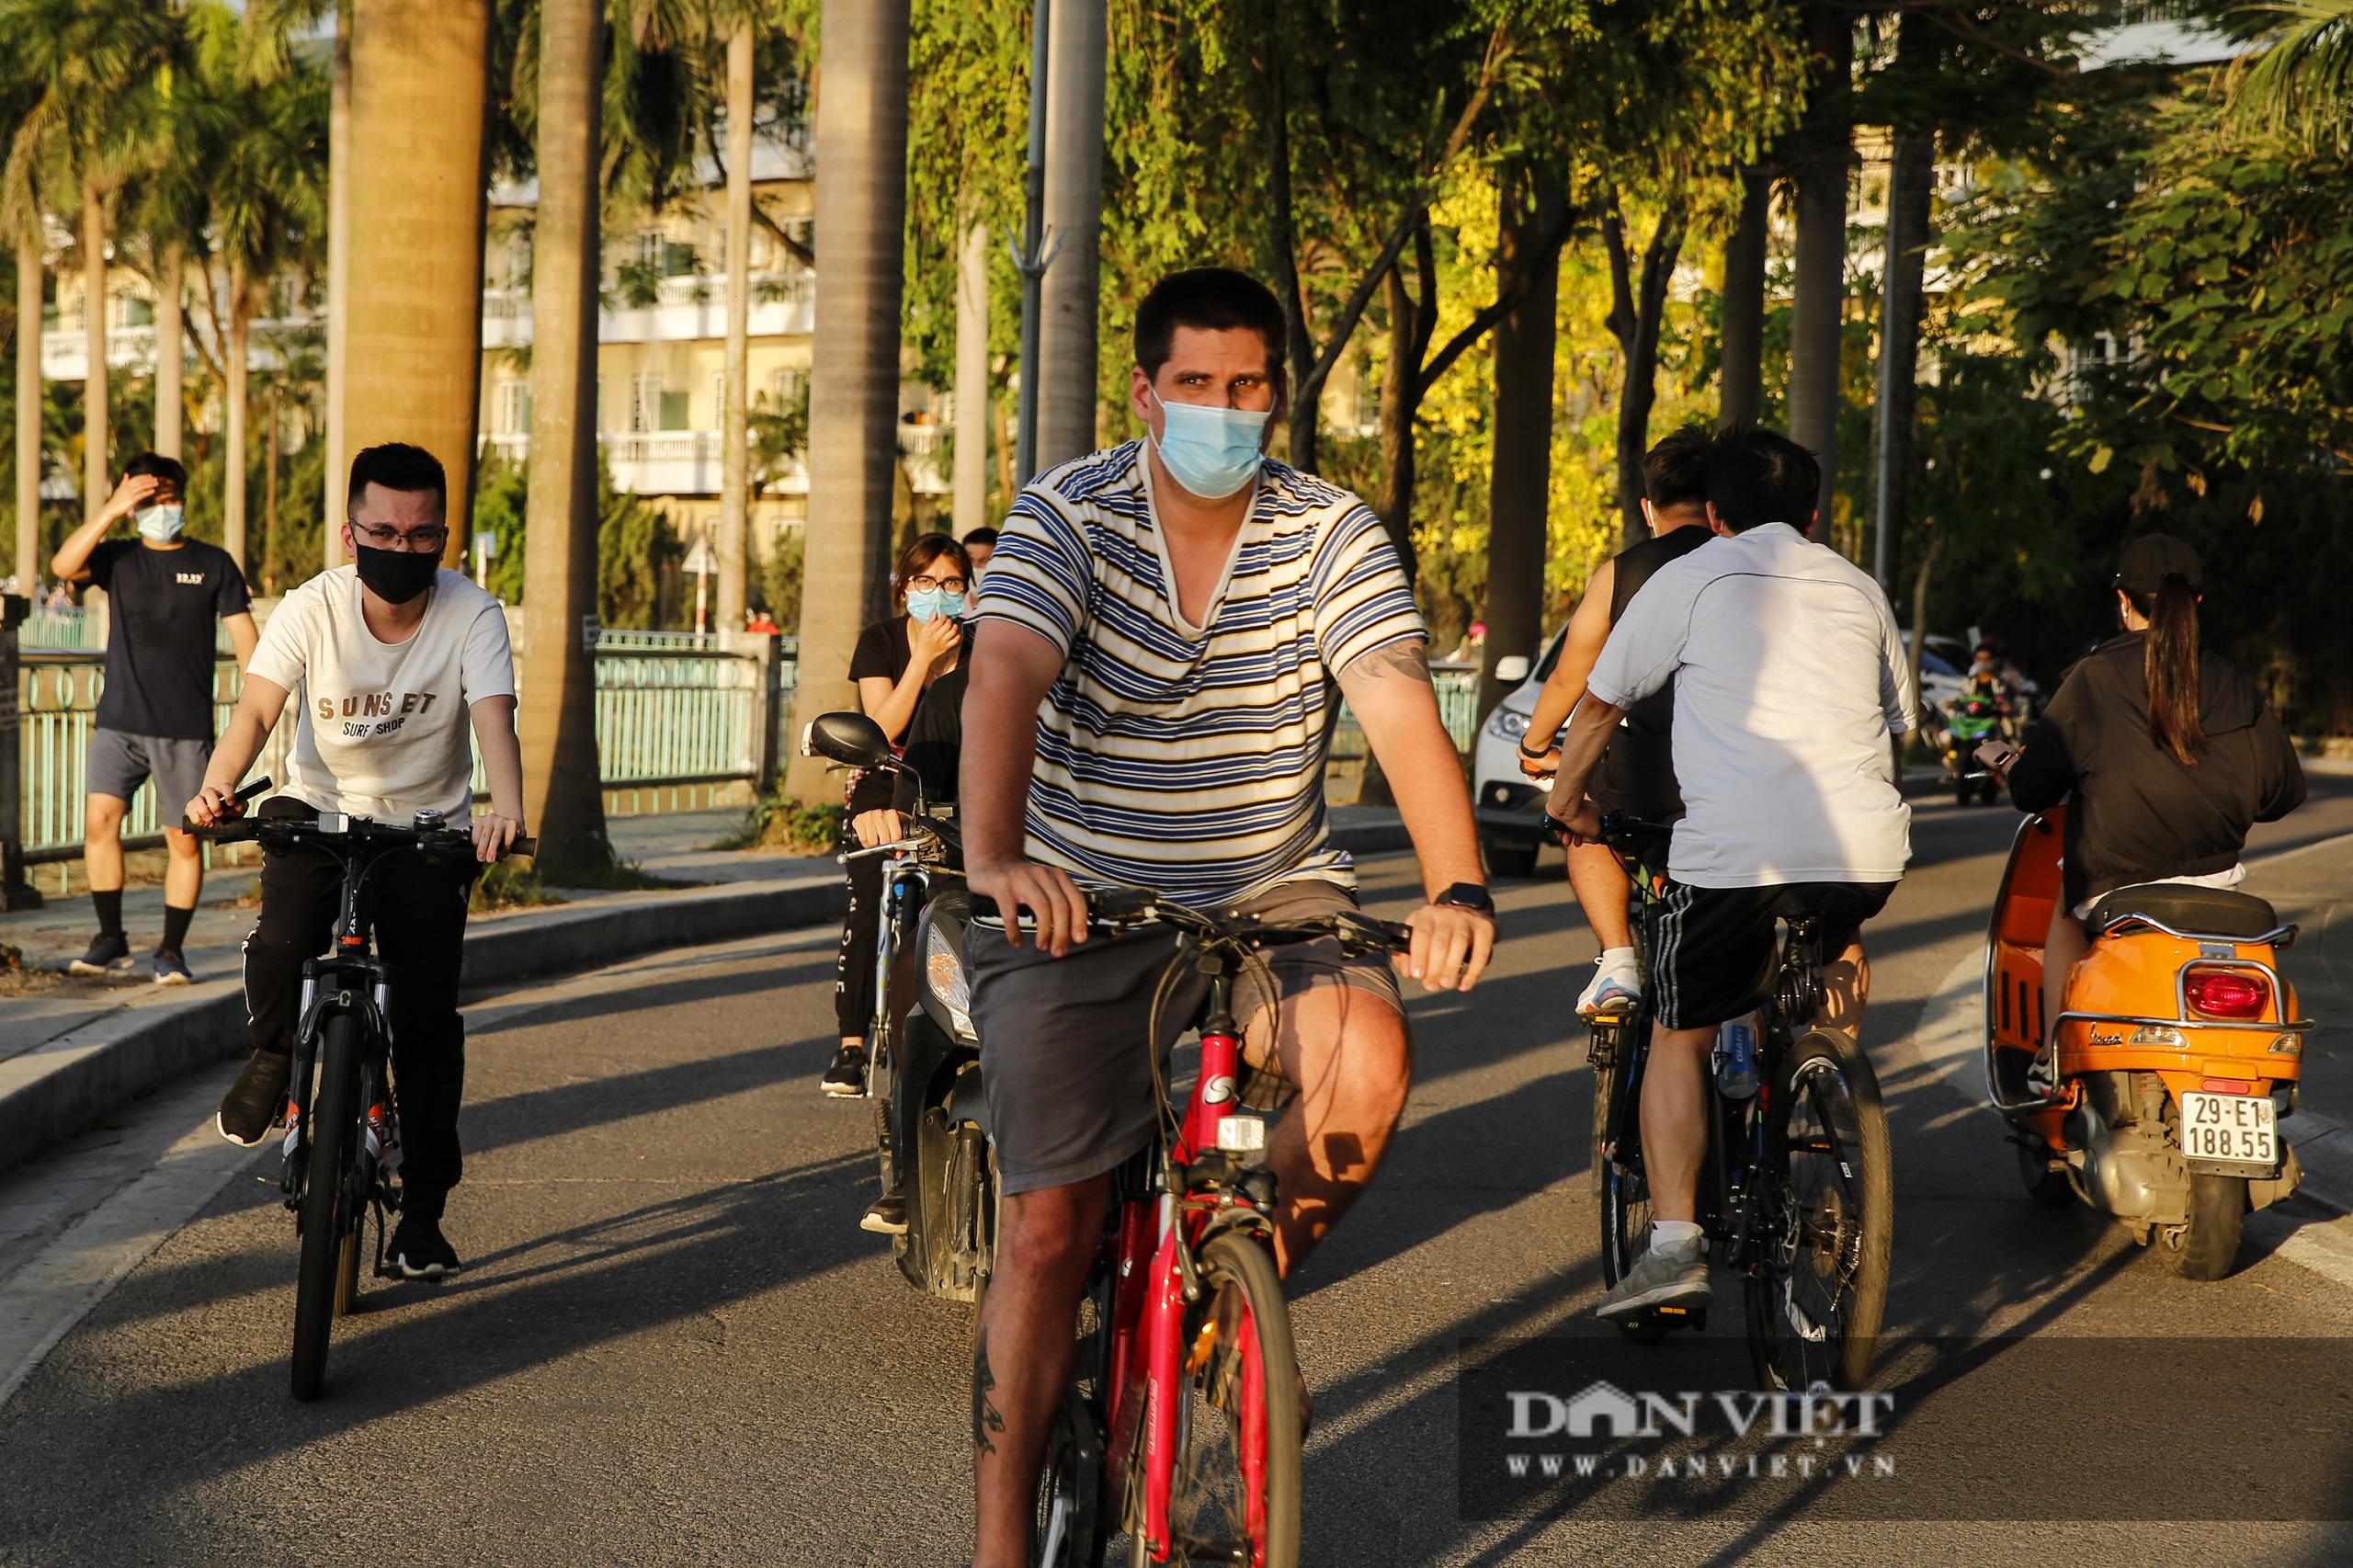 Công an lập chốt chặn, hồ Tây vẫn đông nghịt người đạp xe, tập thể dục - Ảnh 2.